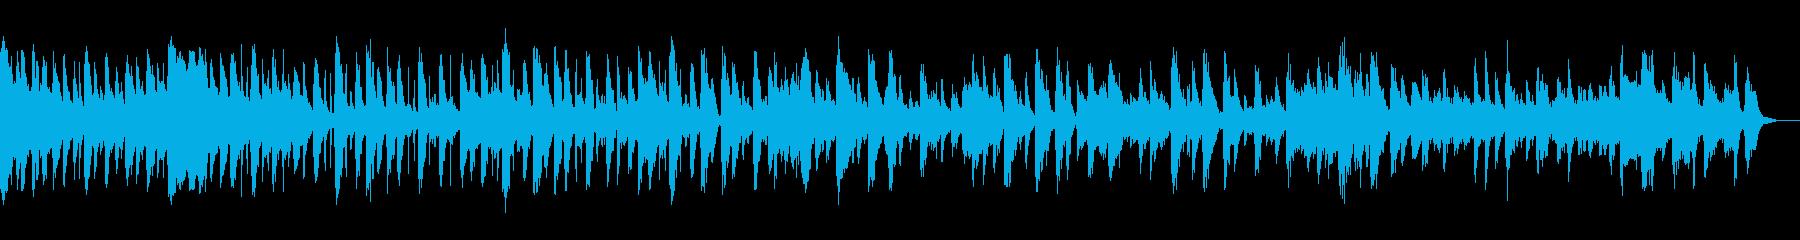 ジャンカーベッド、シンセスイープなしの再生済みの波形